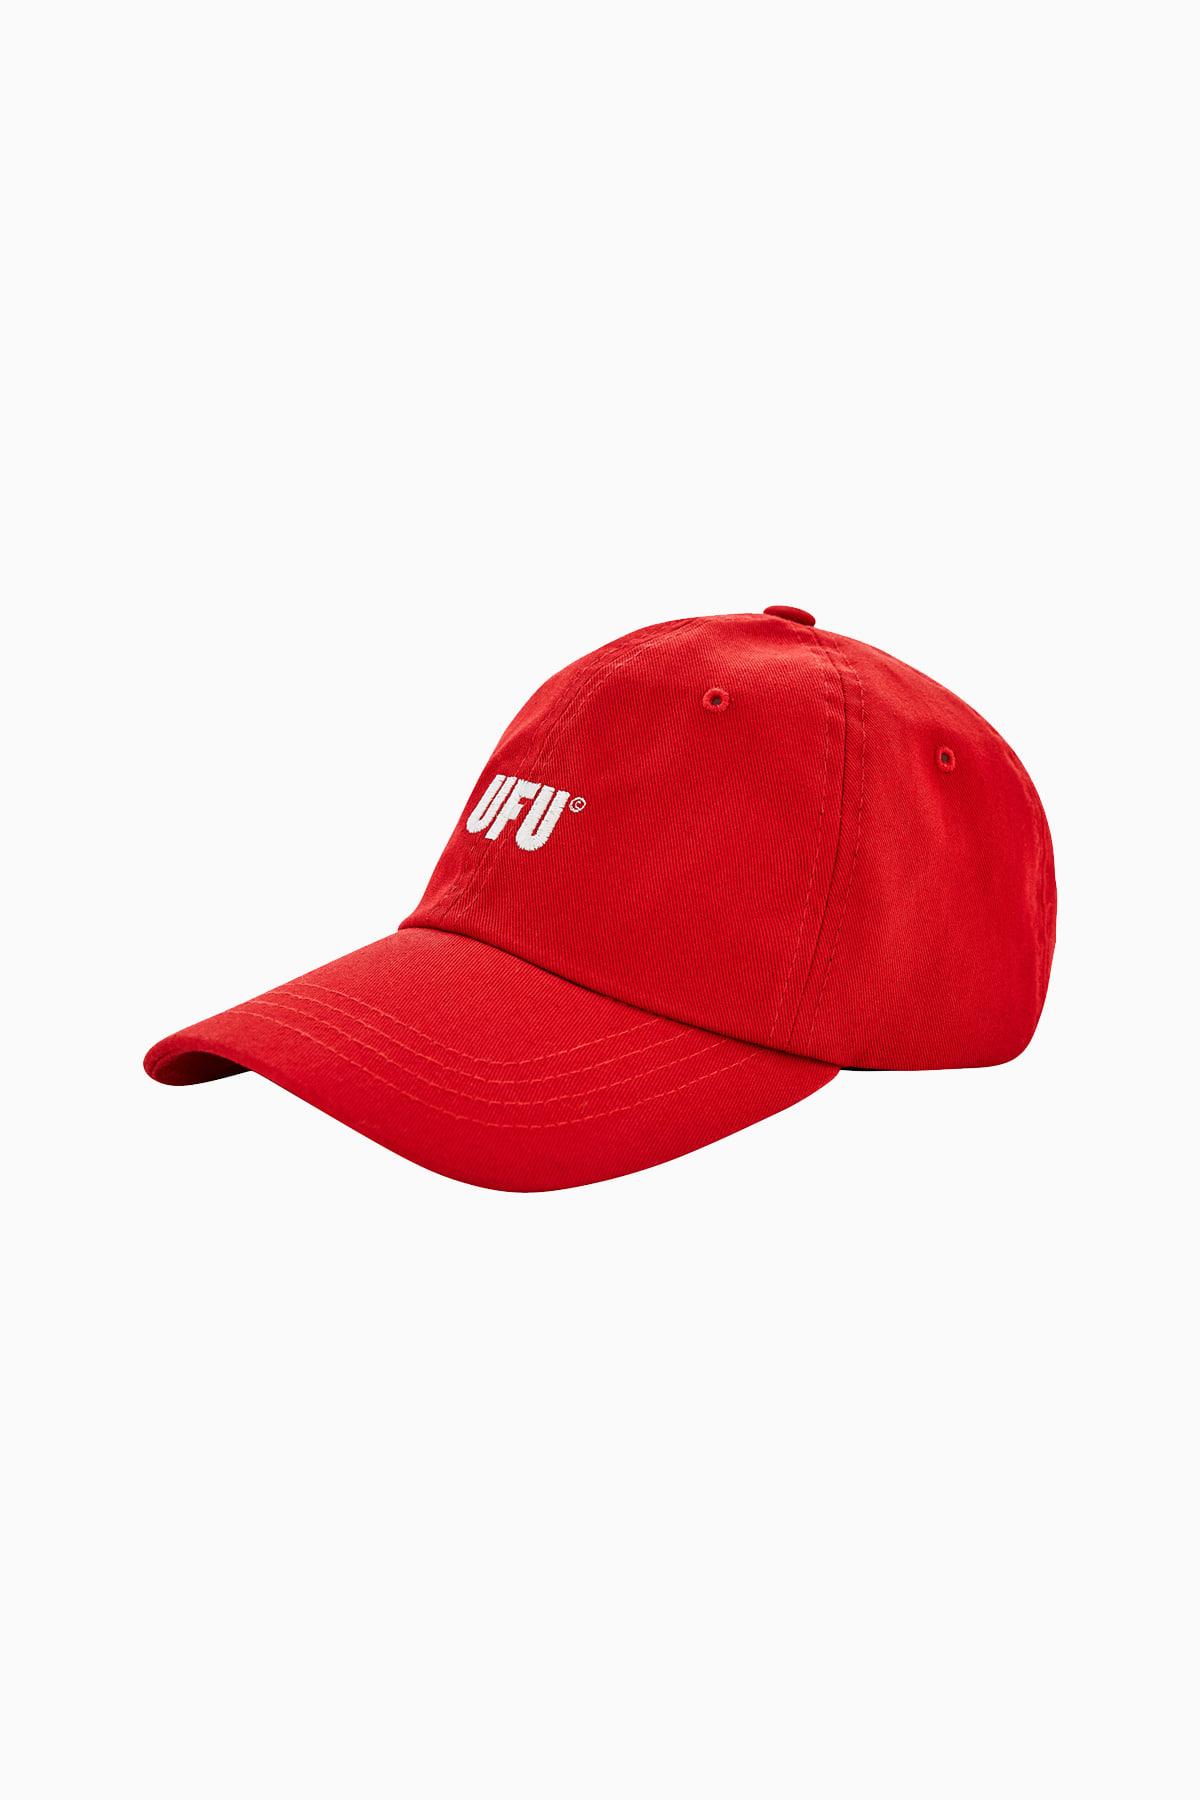 UFU AD CAP_RED